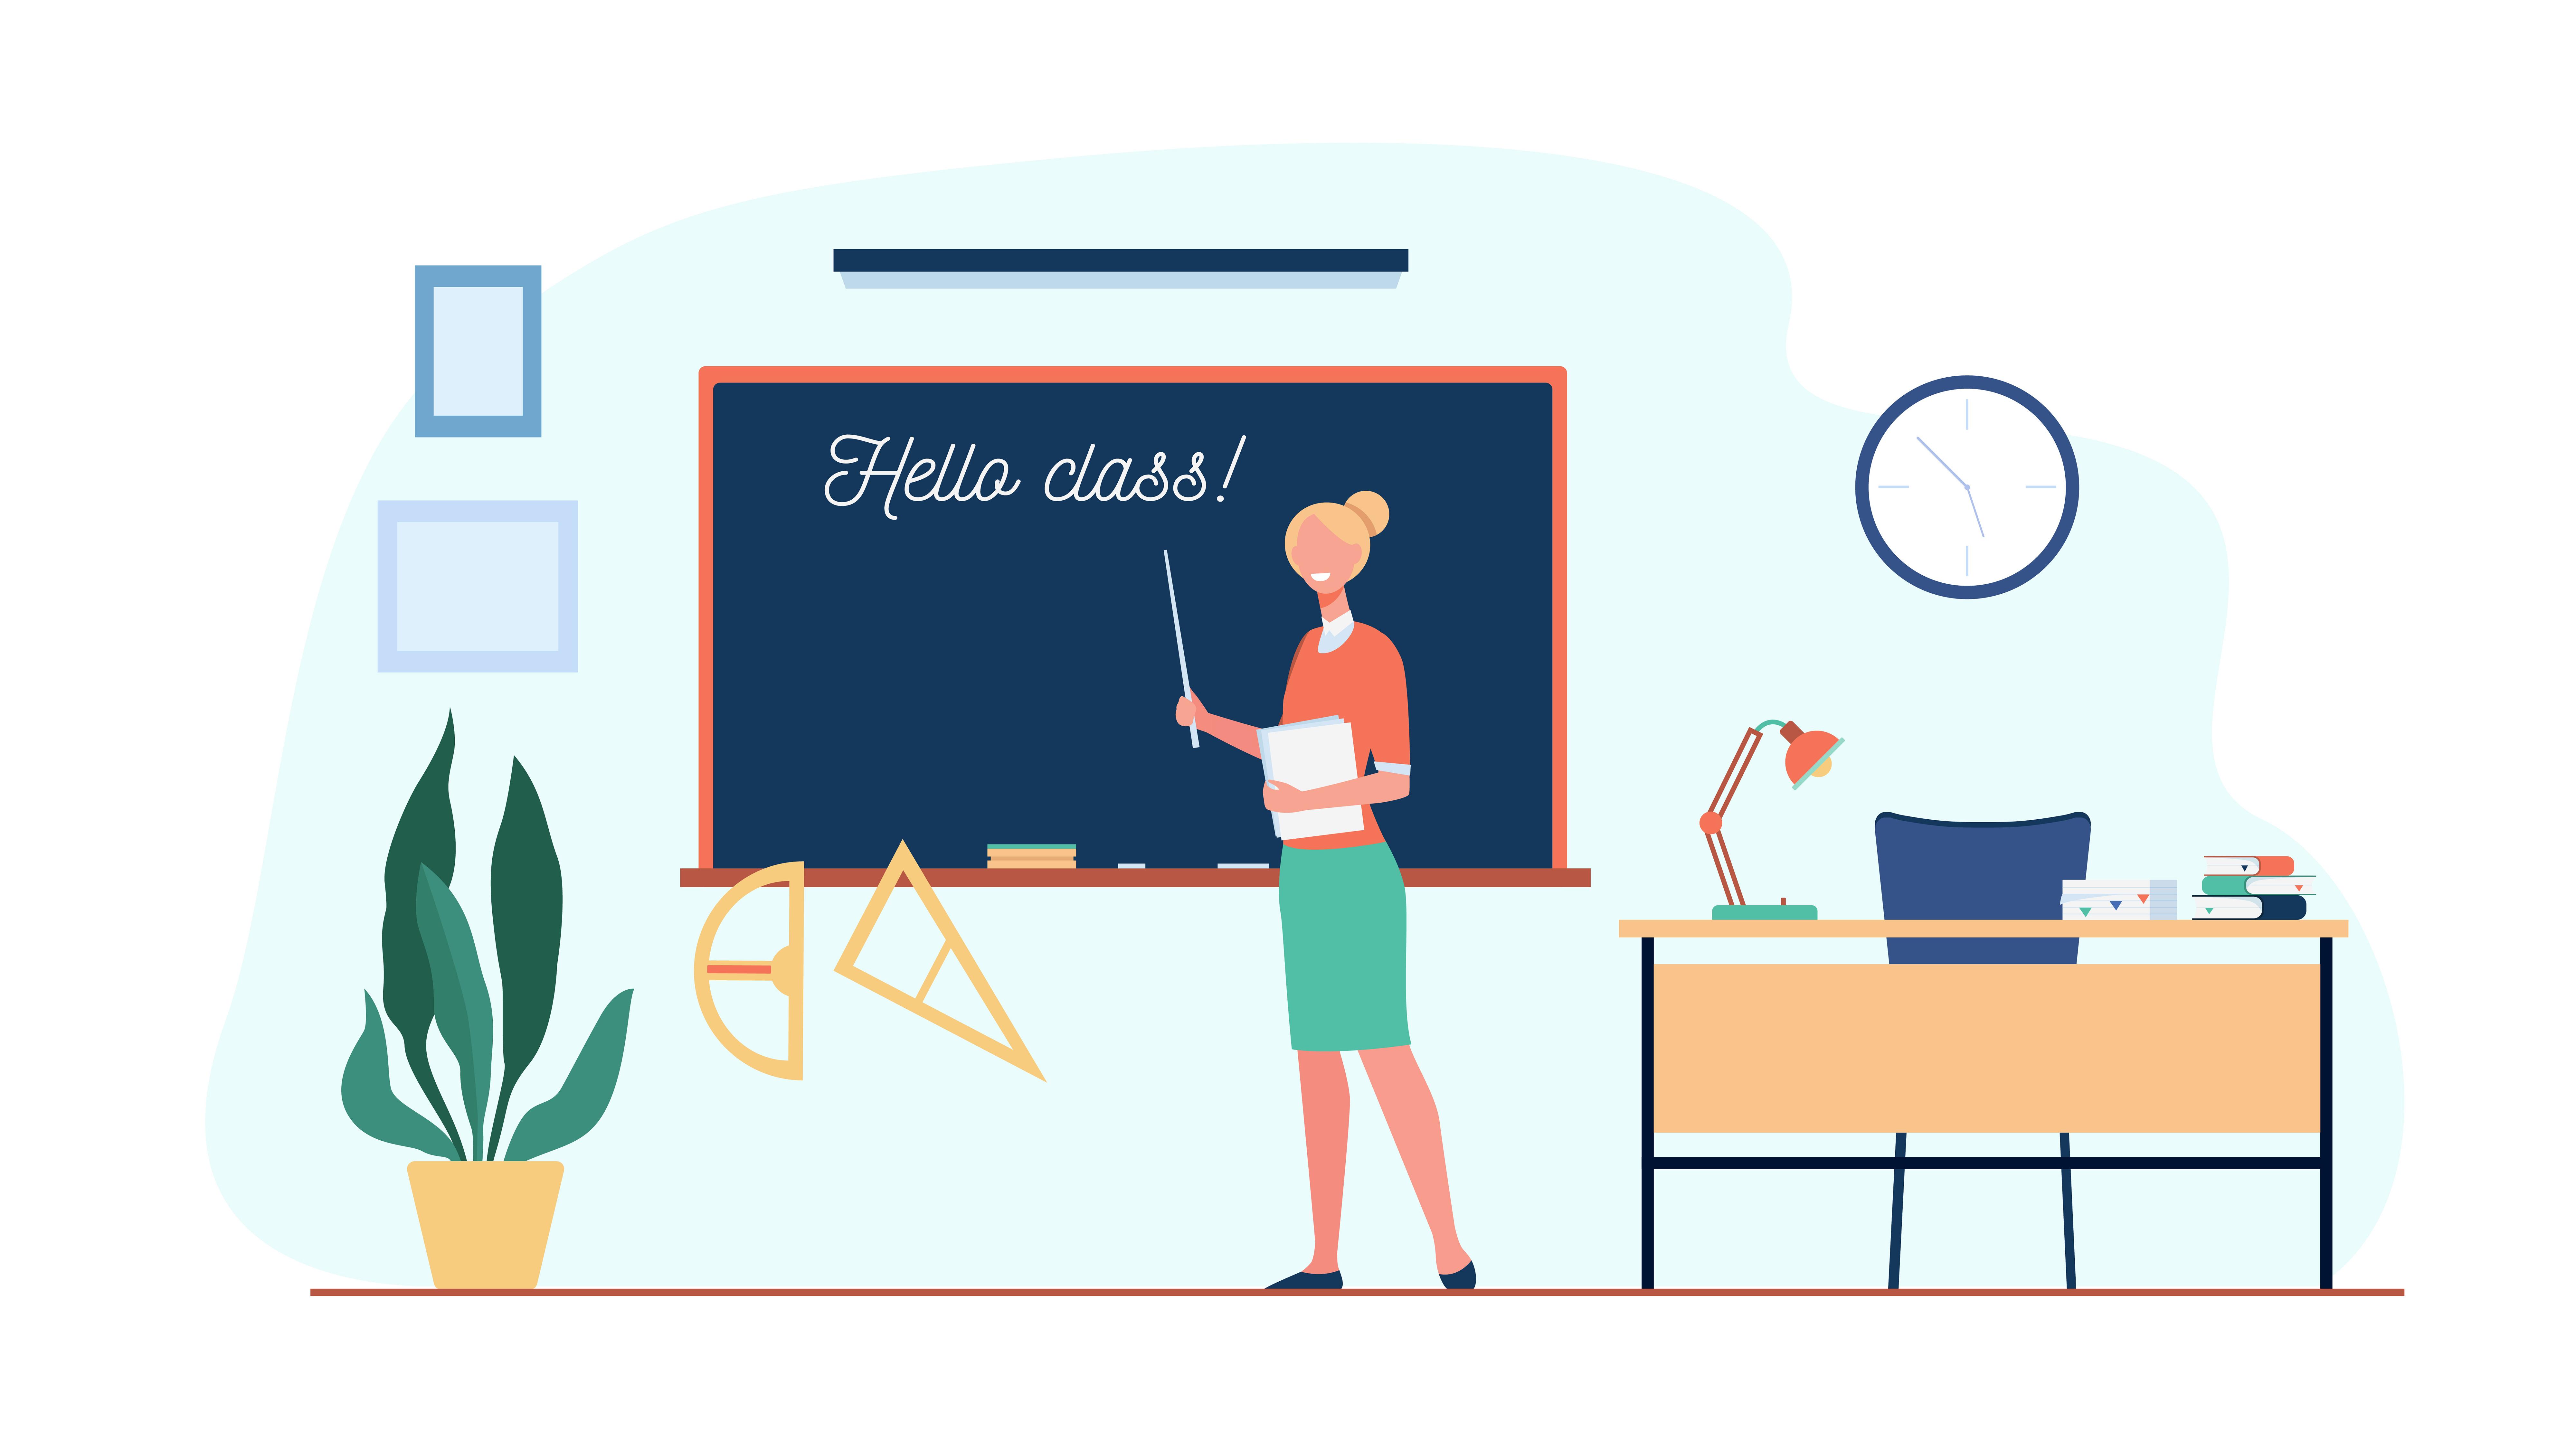 ทนศ 421 การฝึกประสบการณ์การจัดการเรียนรู้เทคโนโลยีระหว่างเรียน  (2/63)